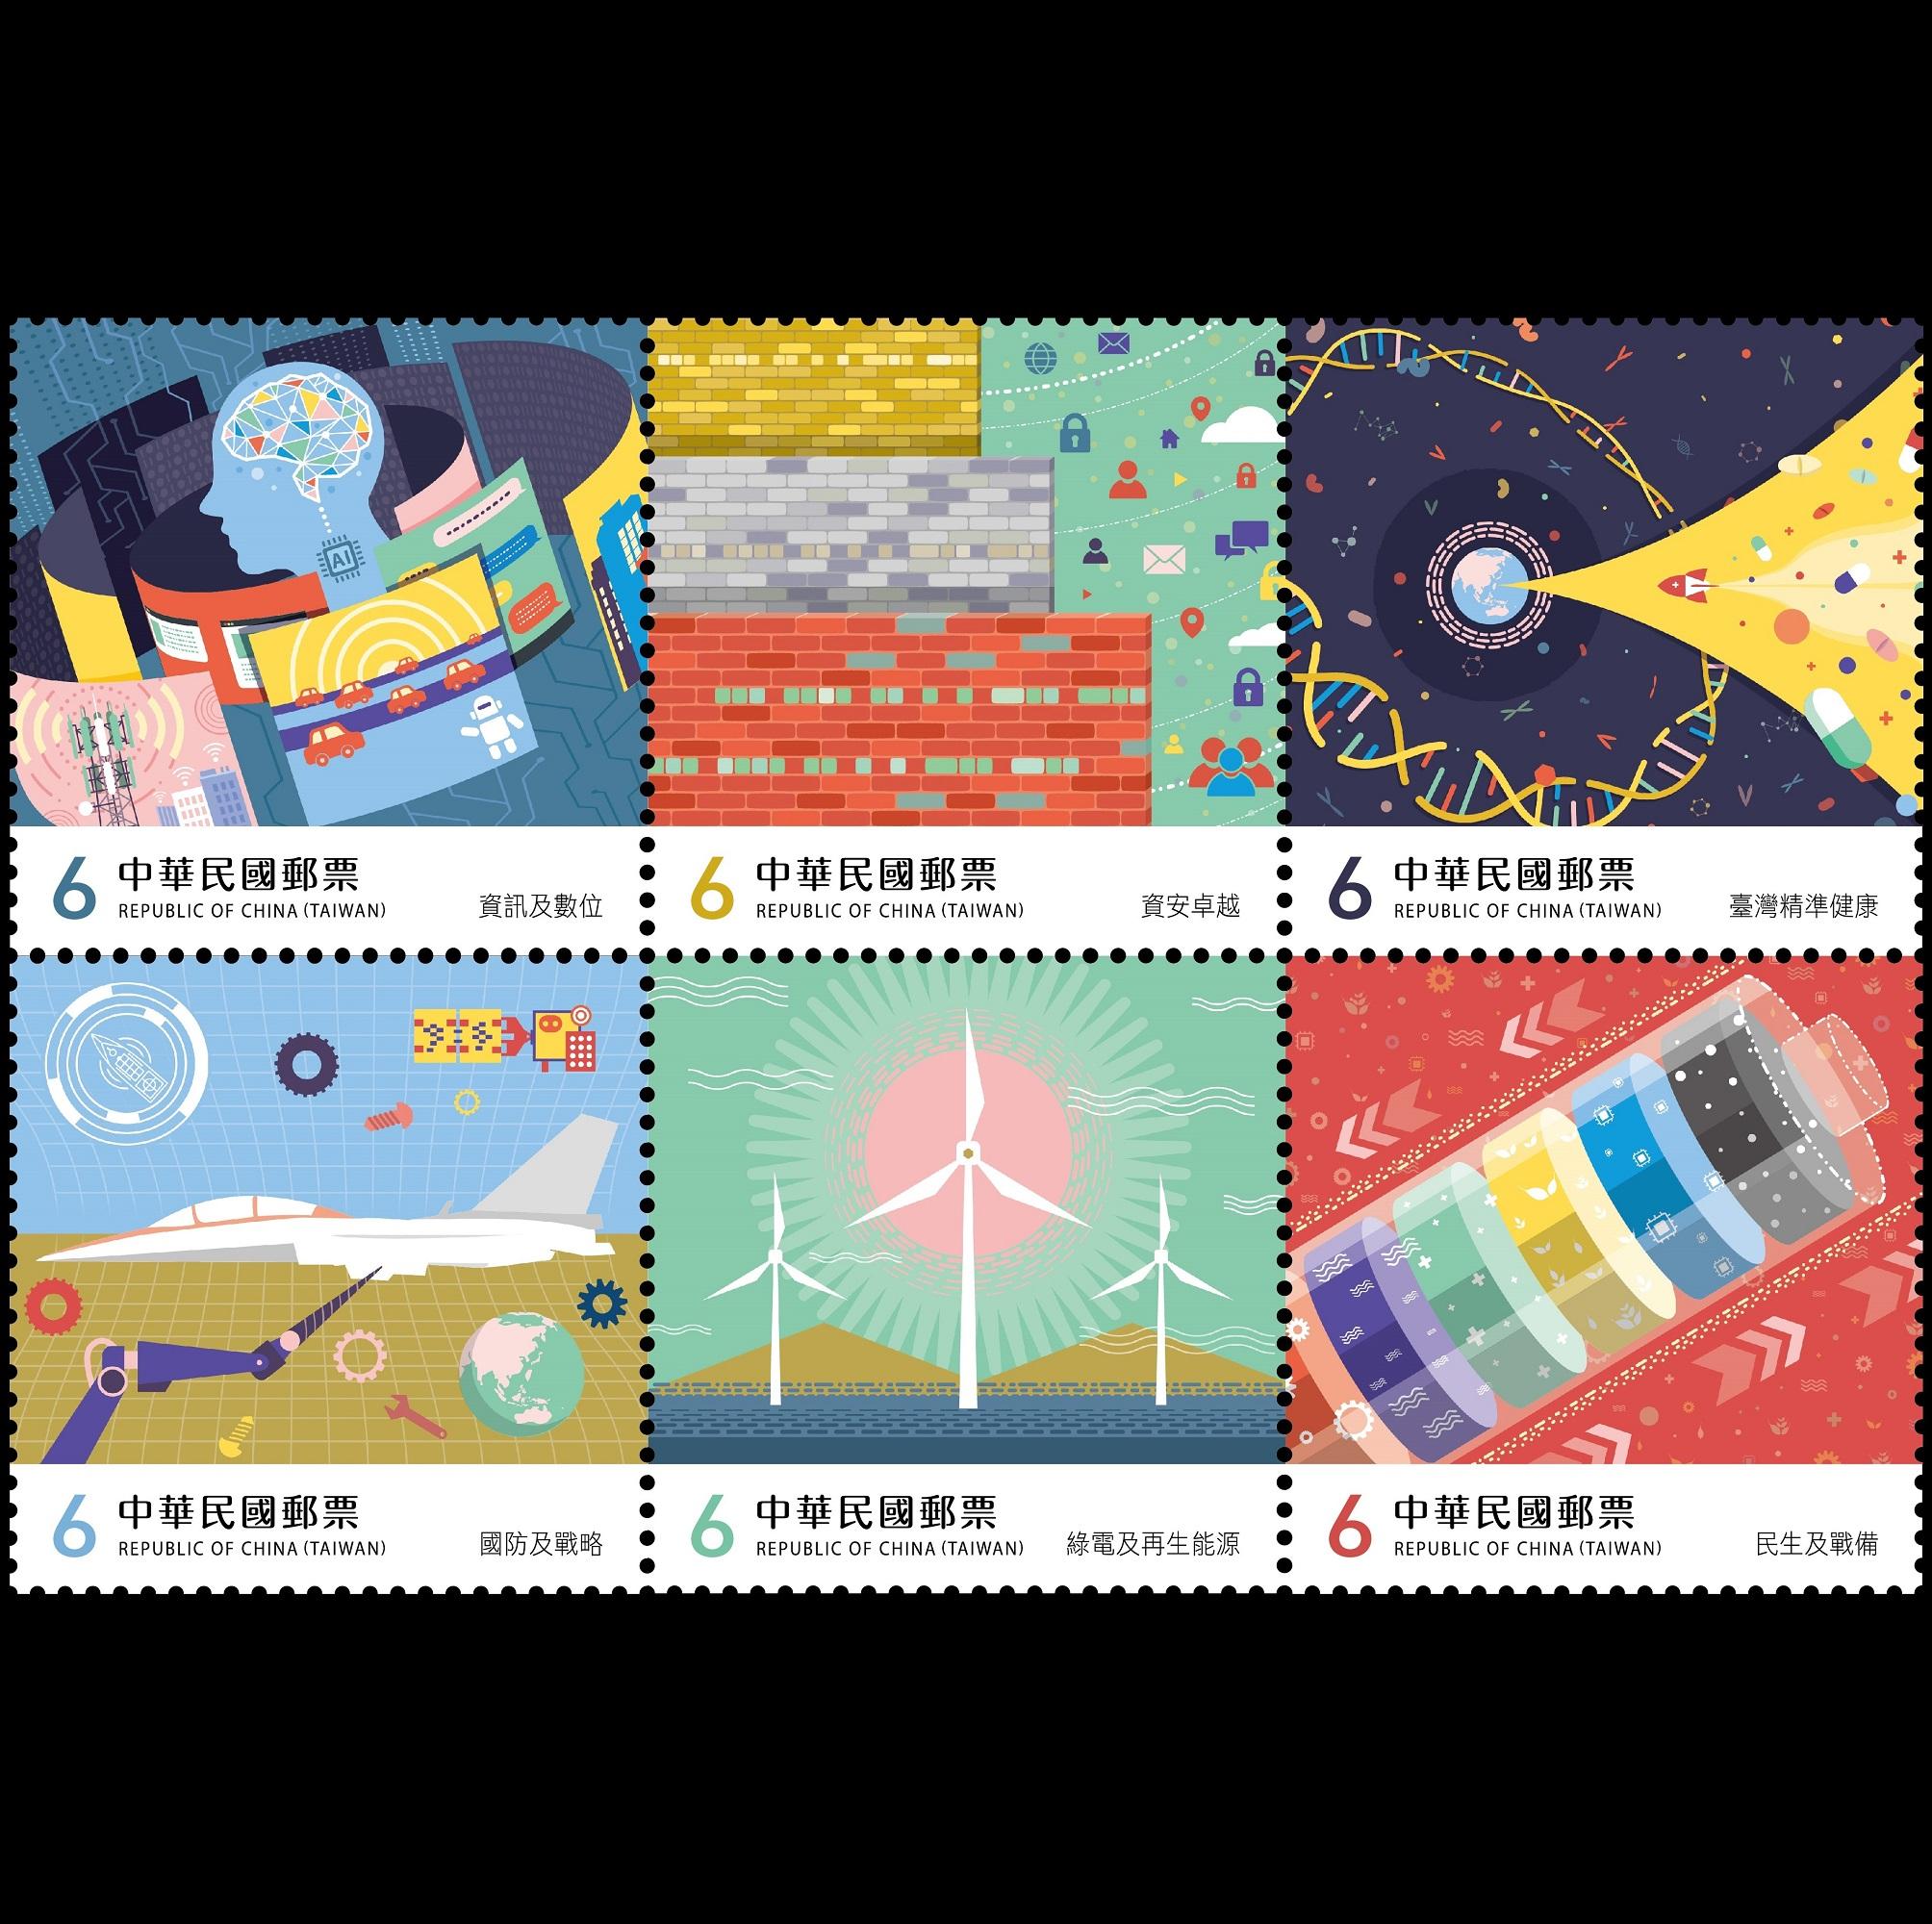 臺灣核心產業郵票